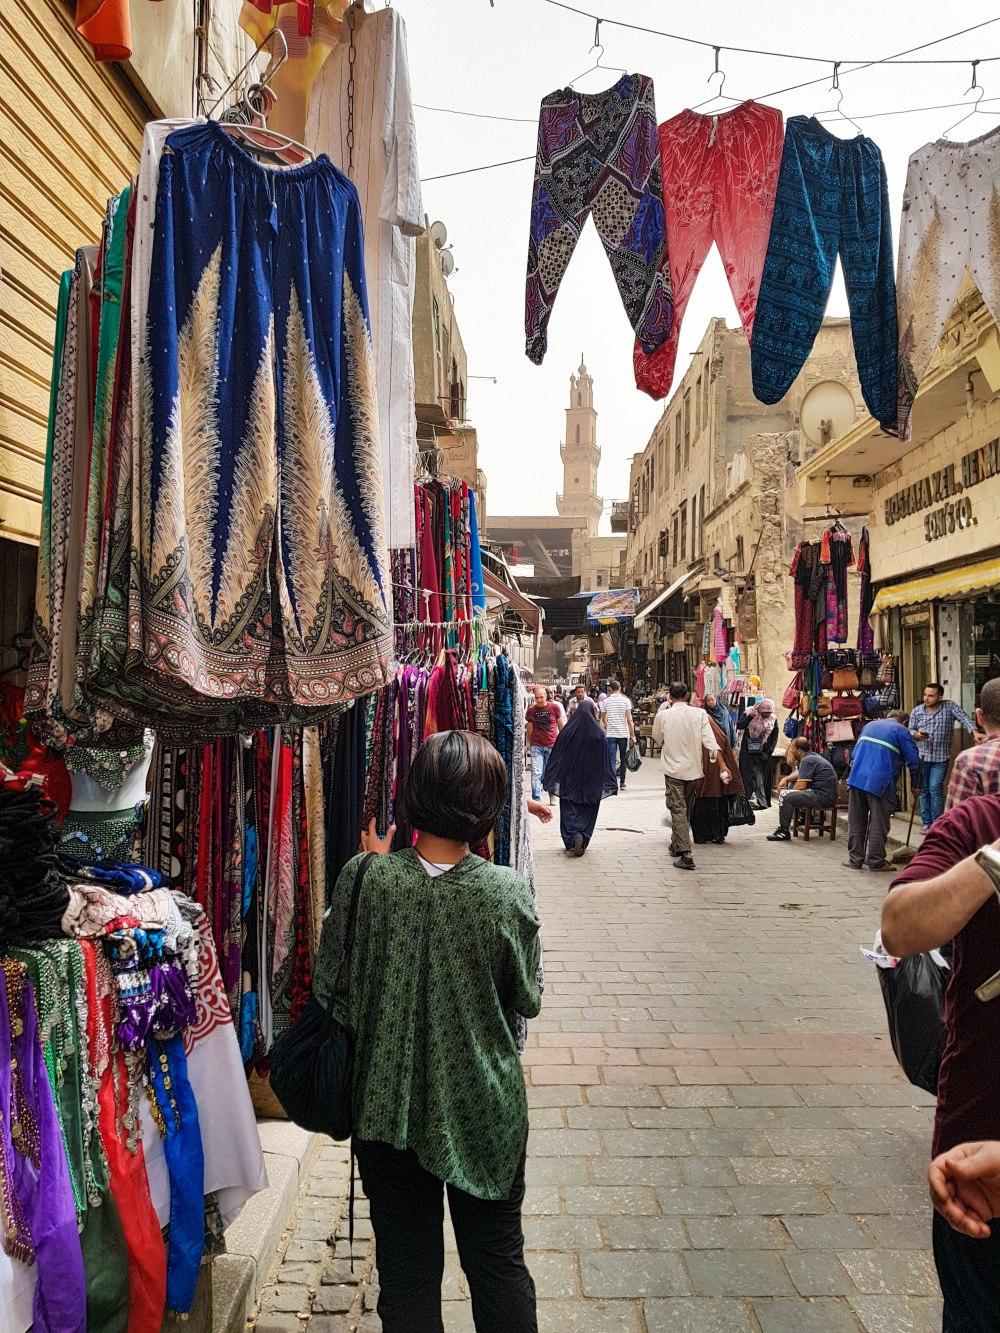 013_Egypt.jpg